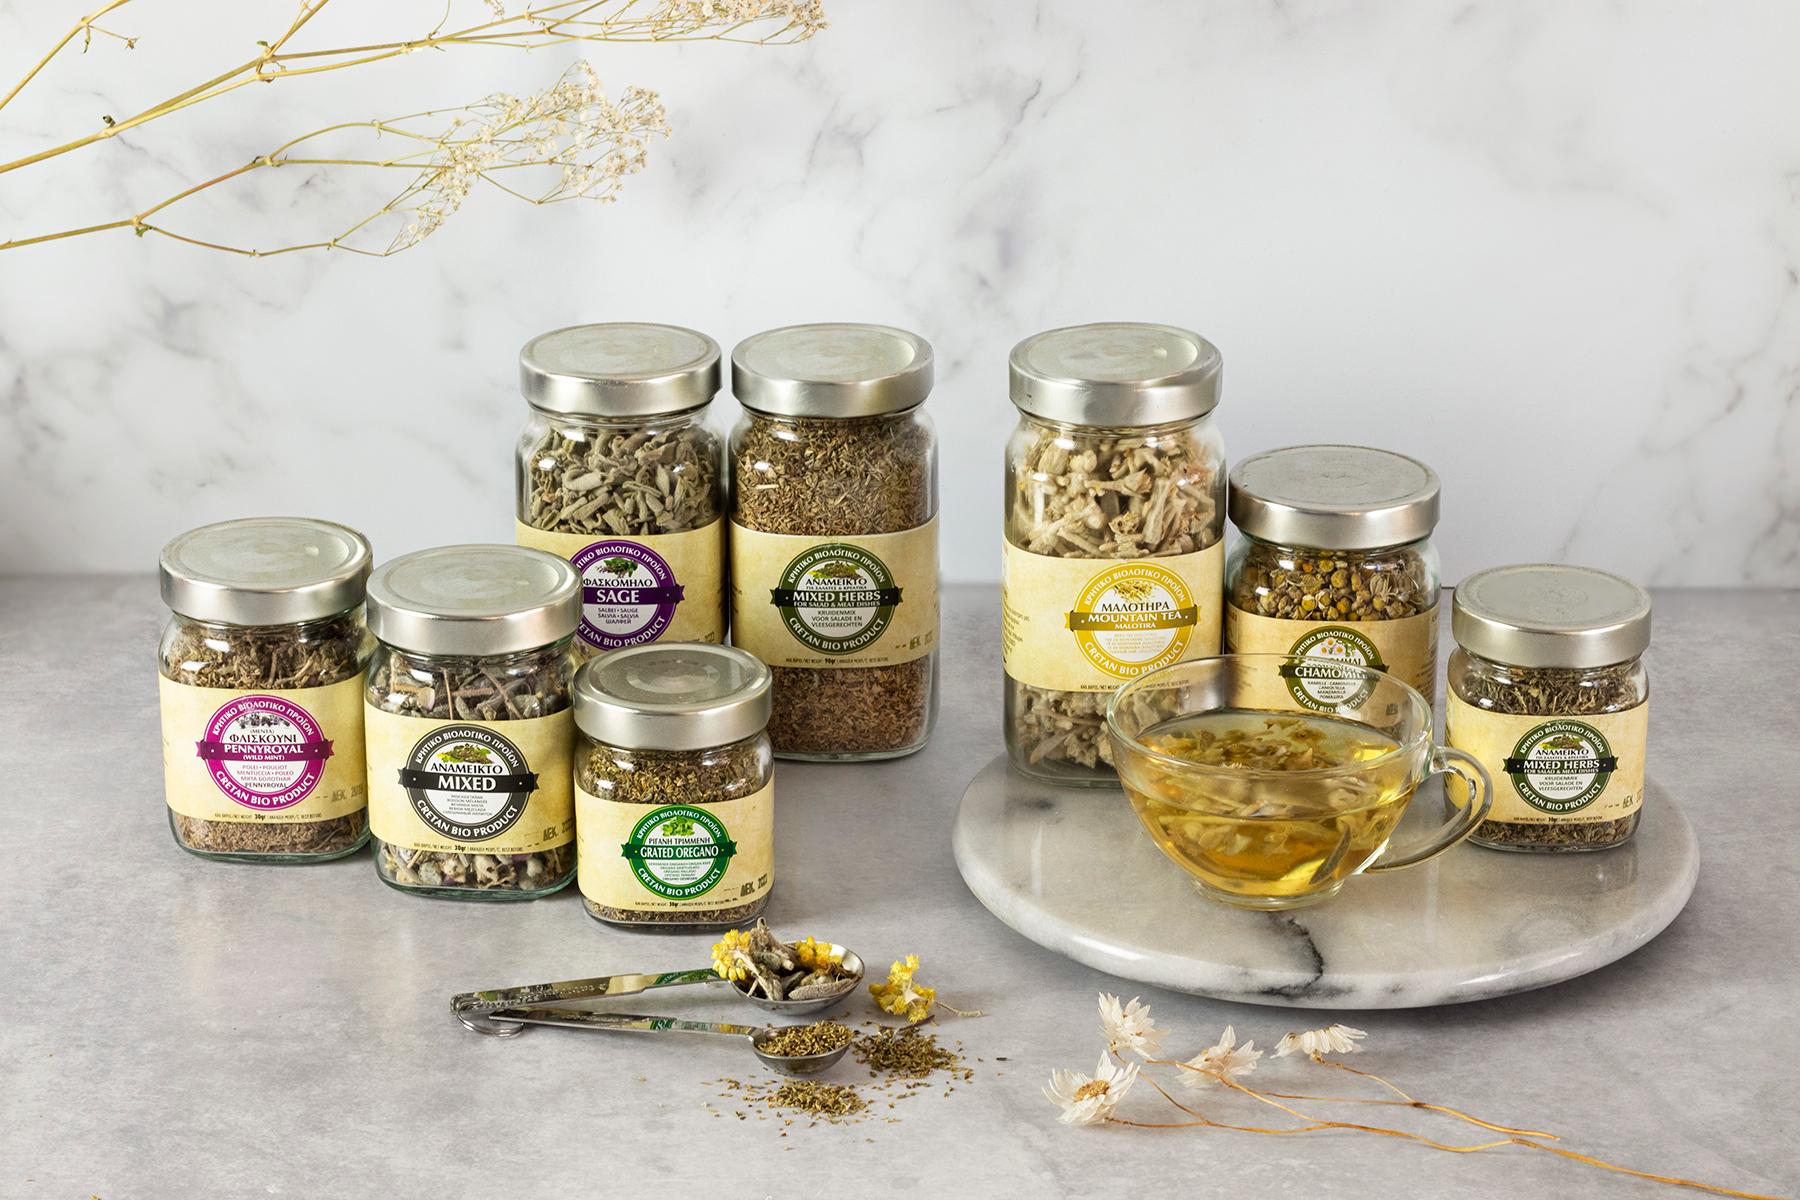 Puur natuur kruiden en thee uit Amari